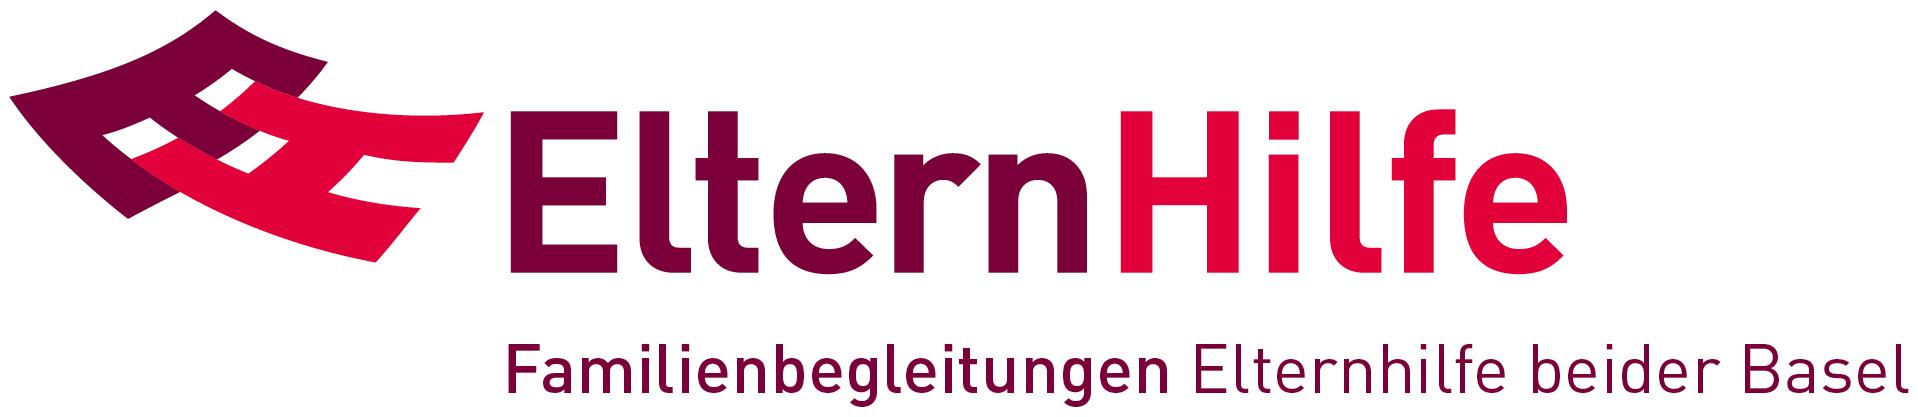 Elternhilfe beider Basel